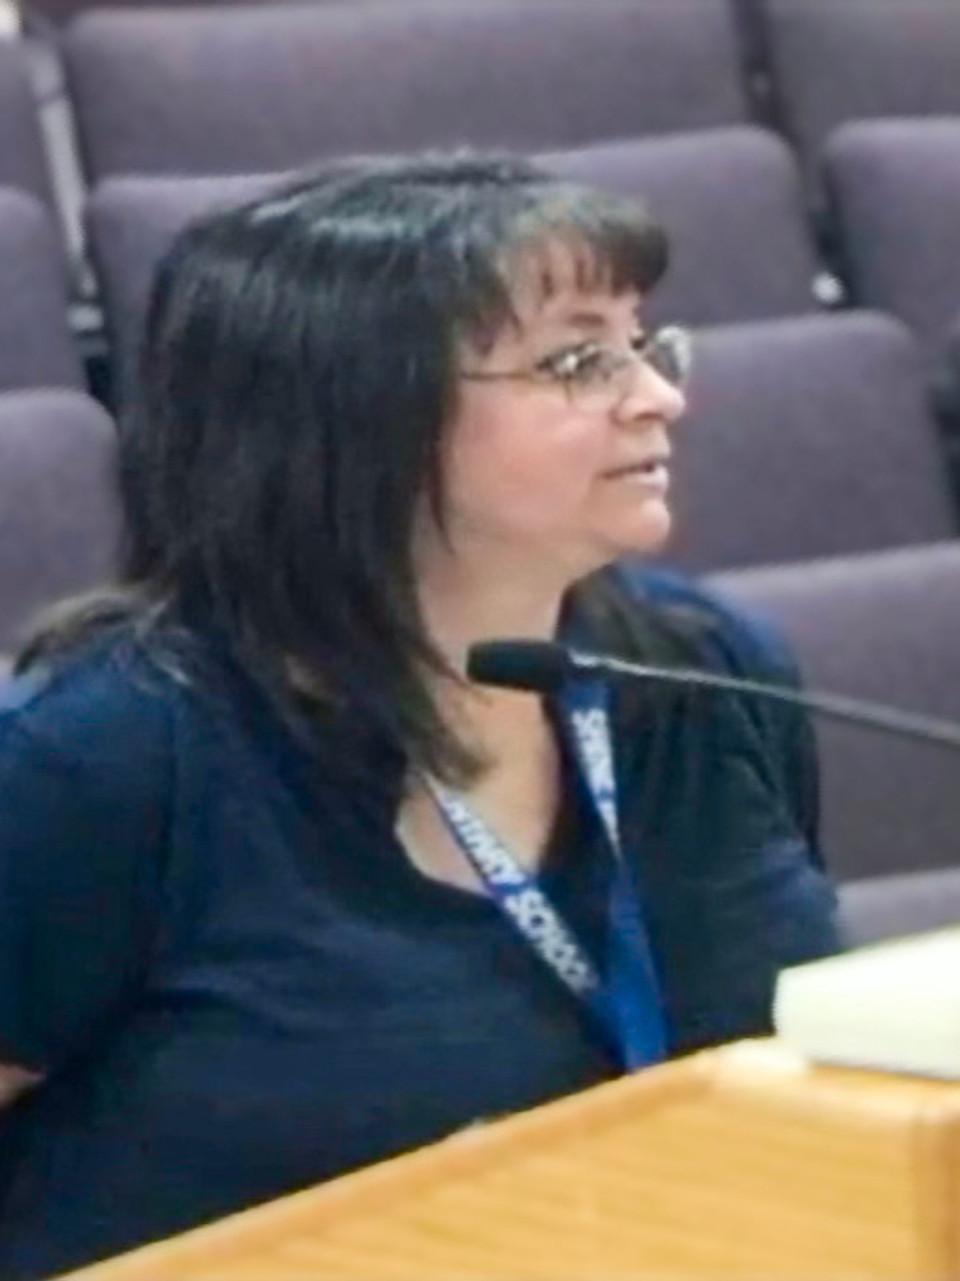 Lcps Calendar 2022.Las Cruces Public School Board Votes Unanimously Not To Extend 2021 2022 School Calendar Kfox